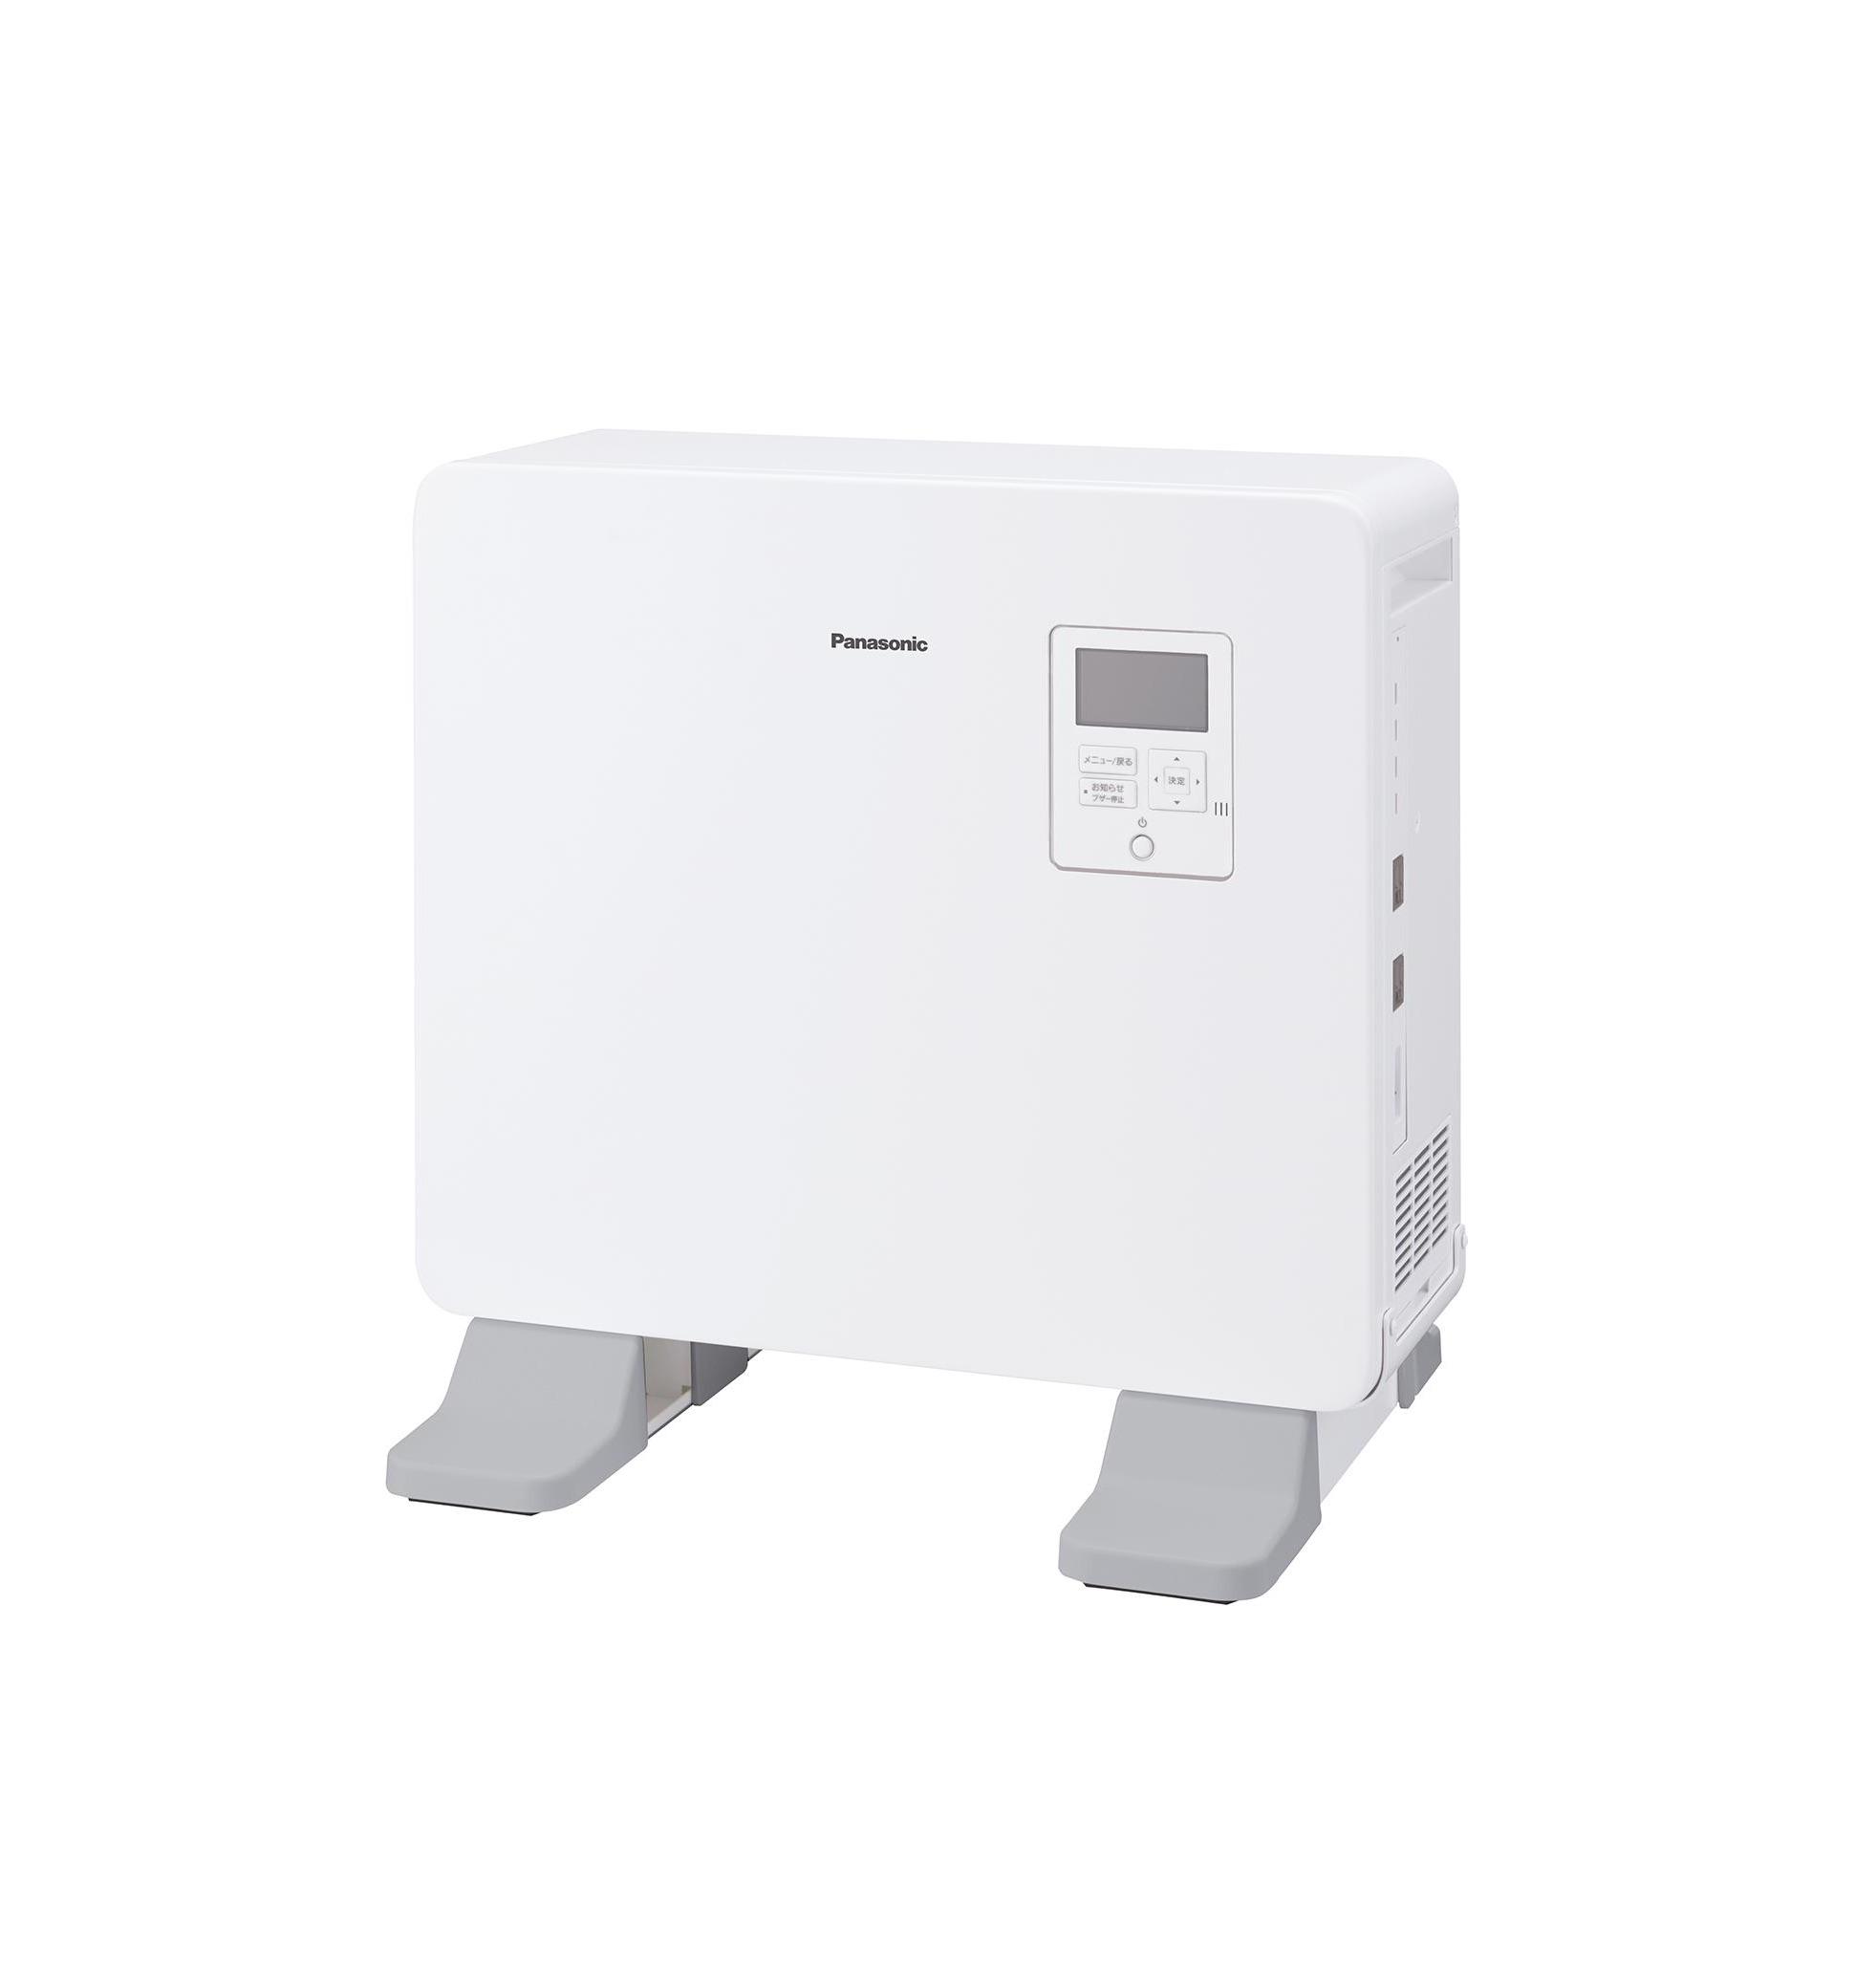 パナソニック、充電用USBコンセント付き3.5kWh蓄電システム